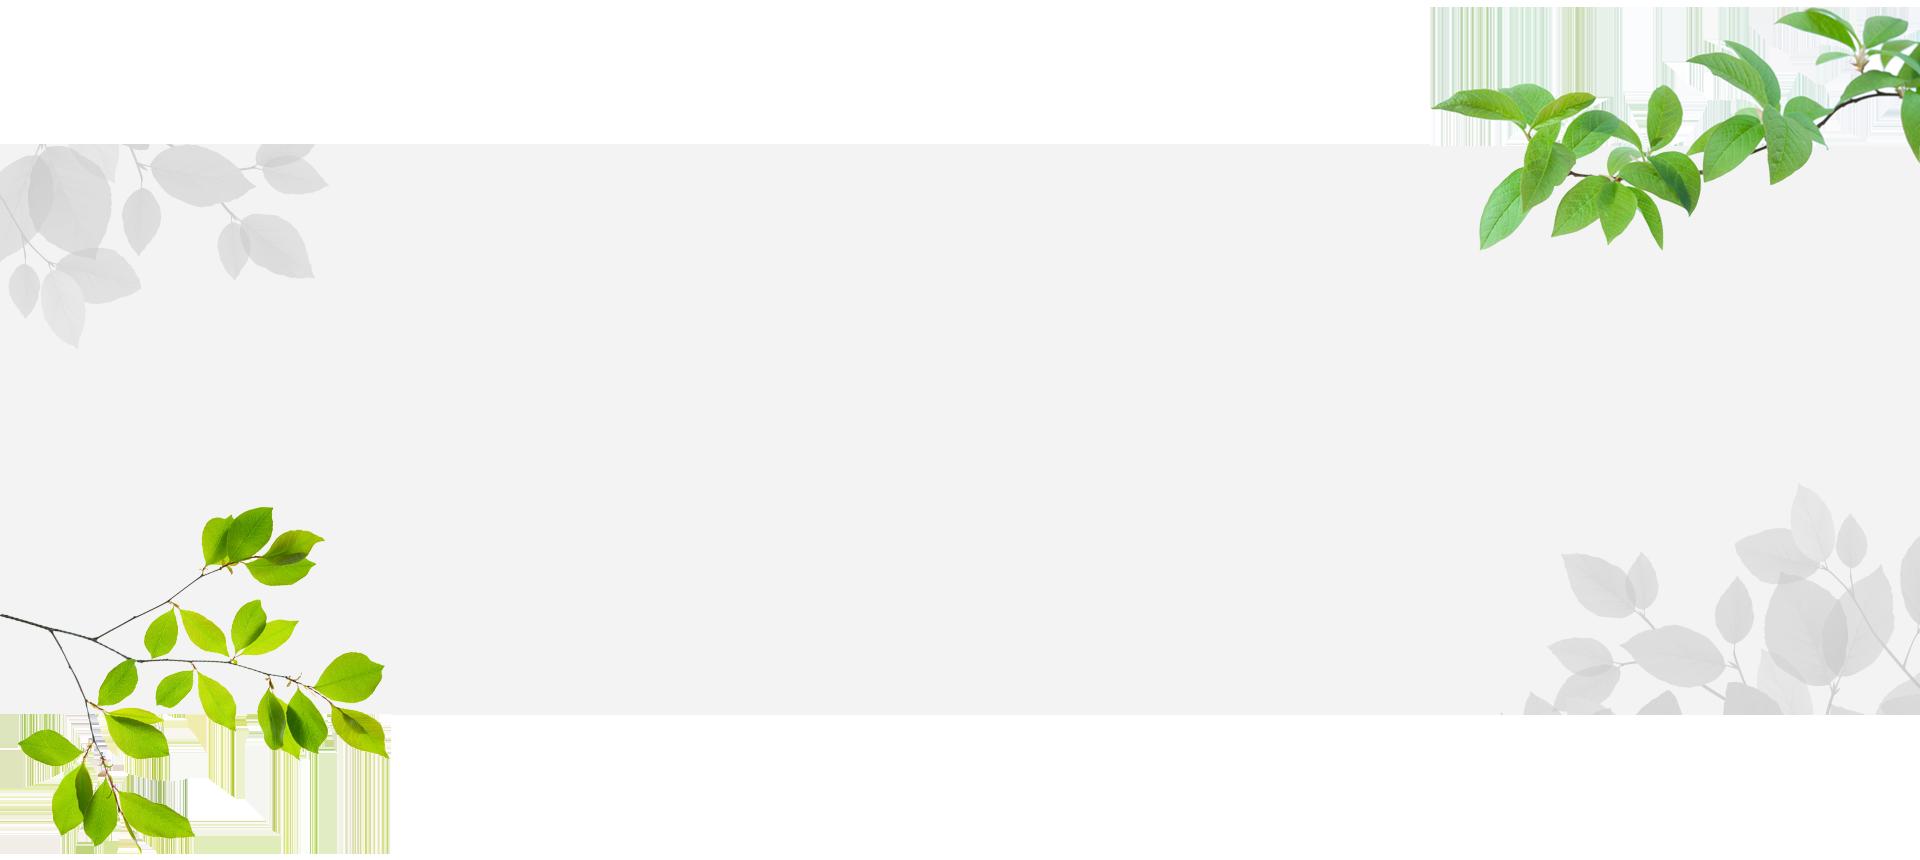 bg_1920x860